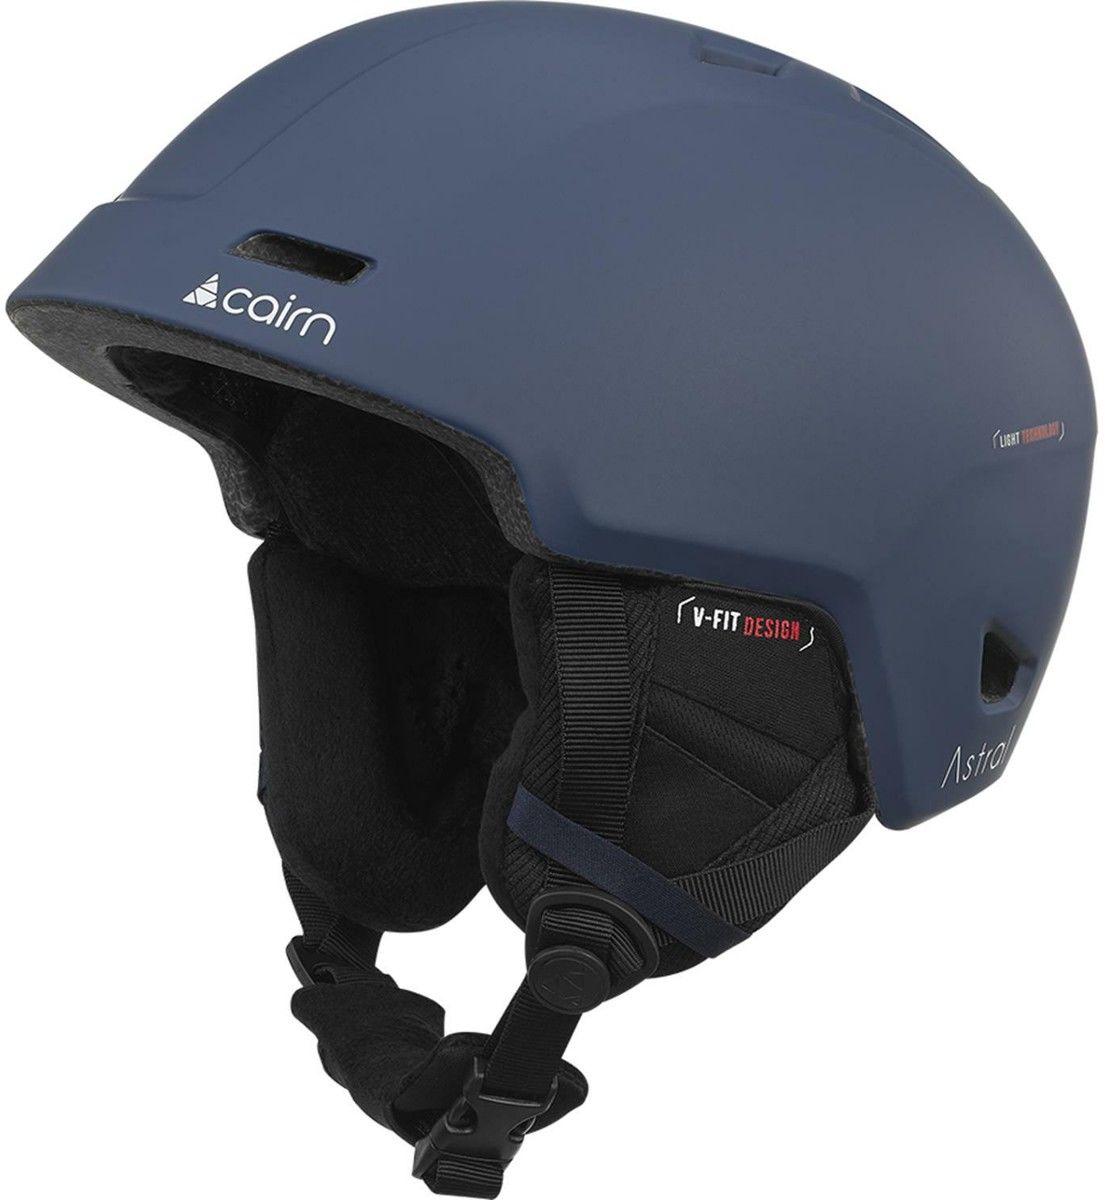 CAIRN kask zimowy narciarski/snowboardowy ASTRAL granatowy Rozmiar: 57-58,060614090